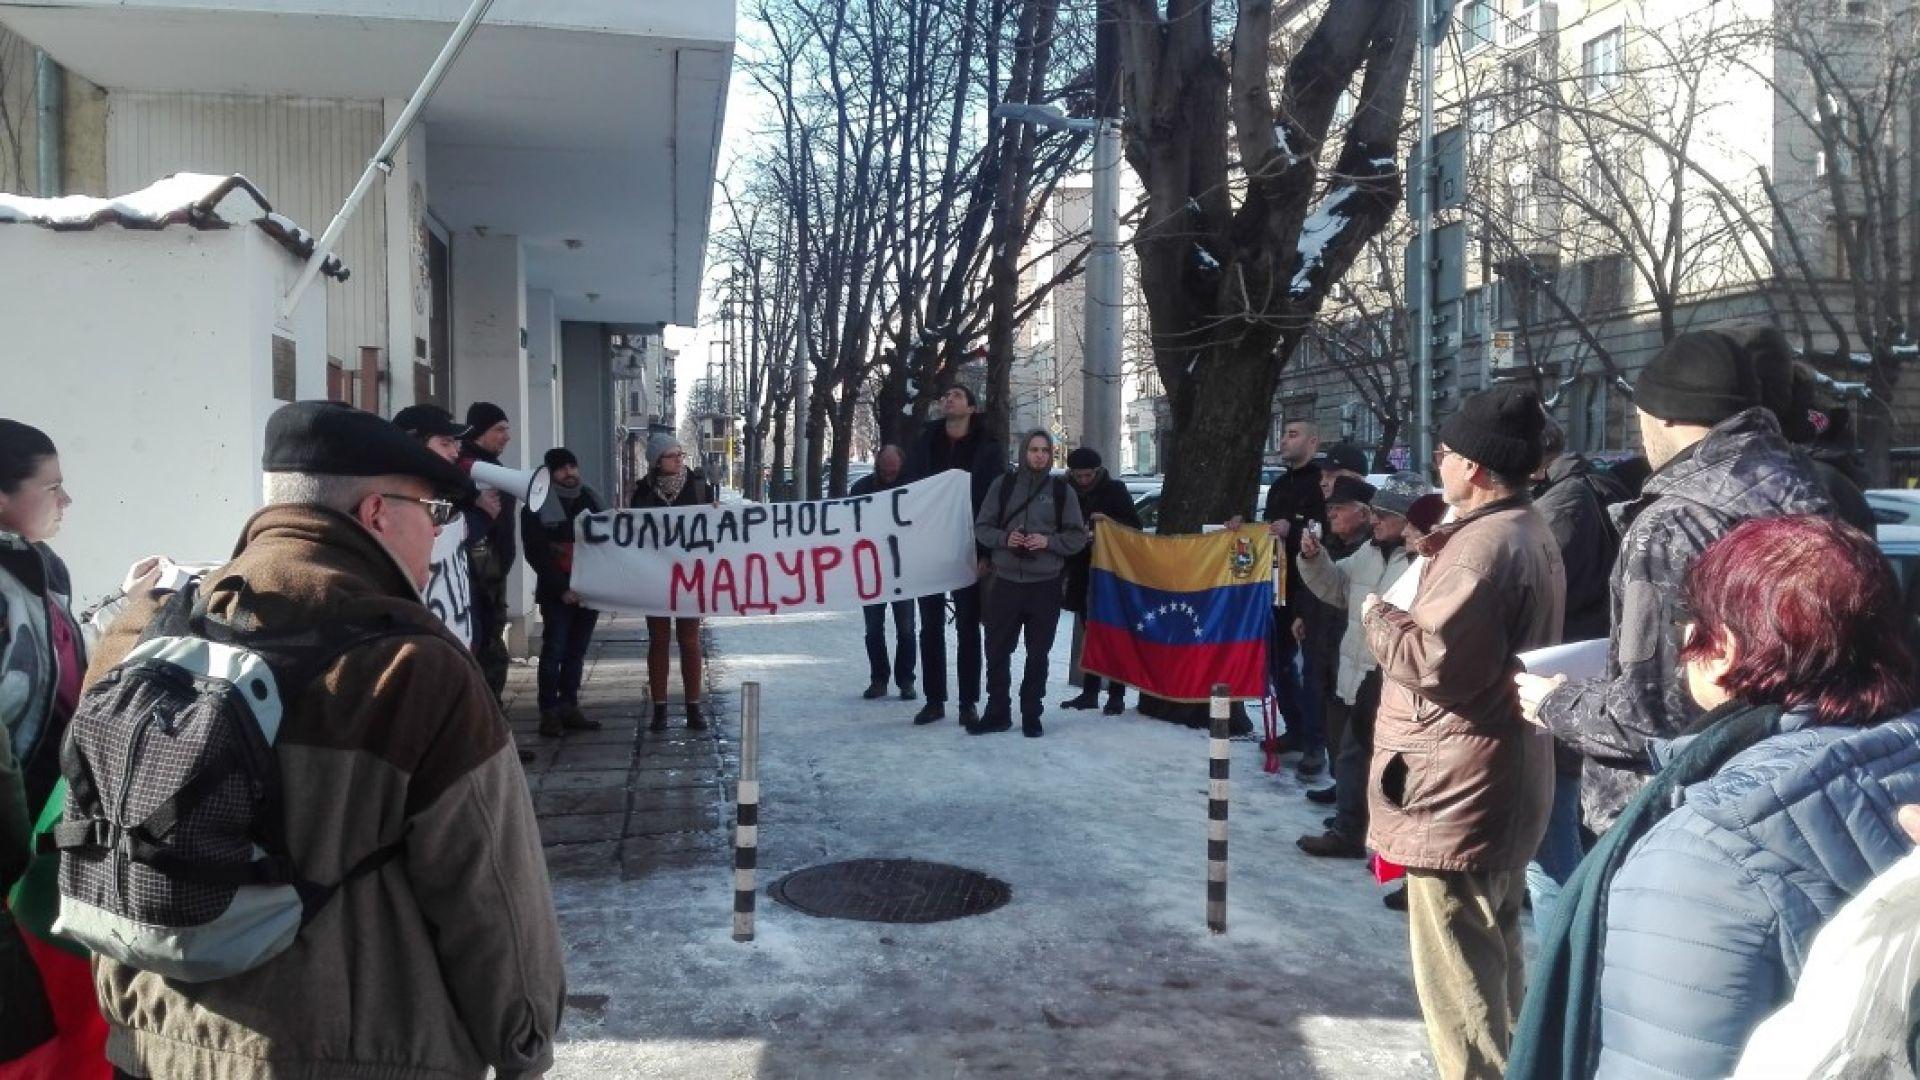 Българи във Венецуела протестираха в защита на Мадуро